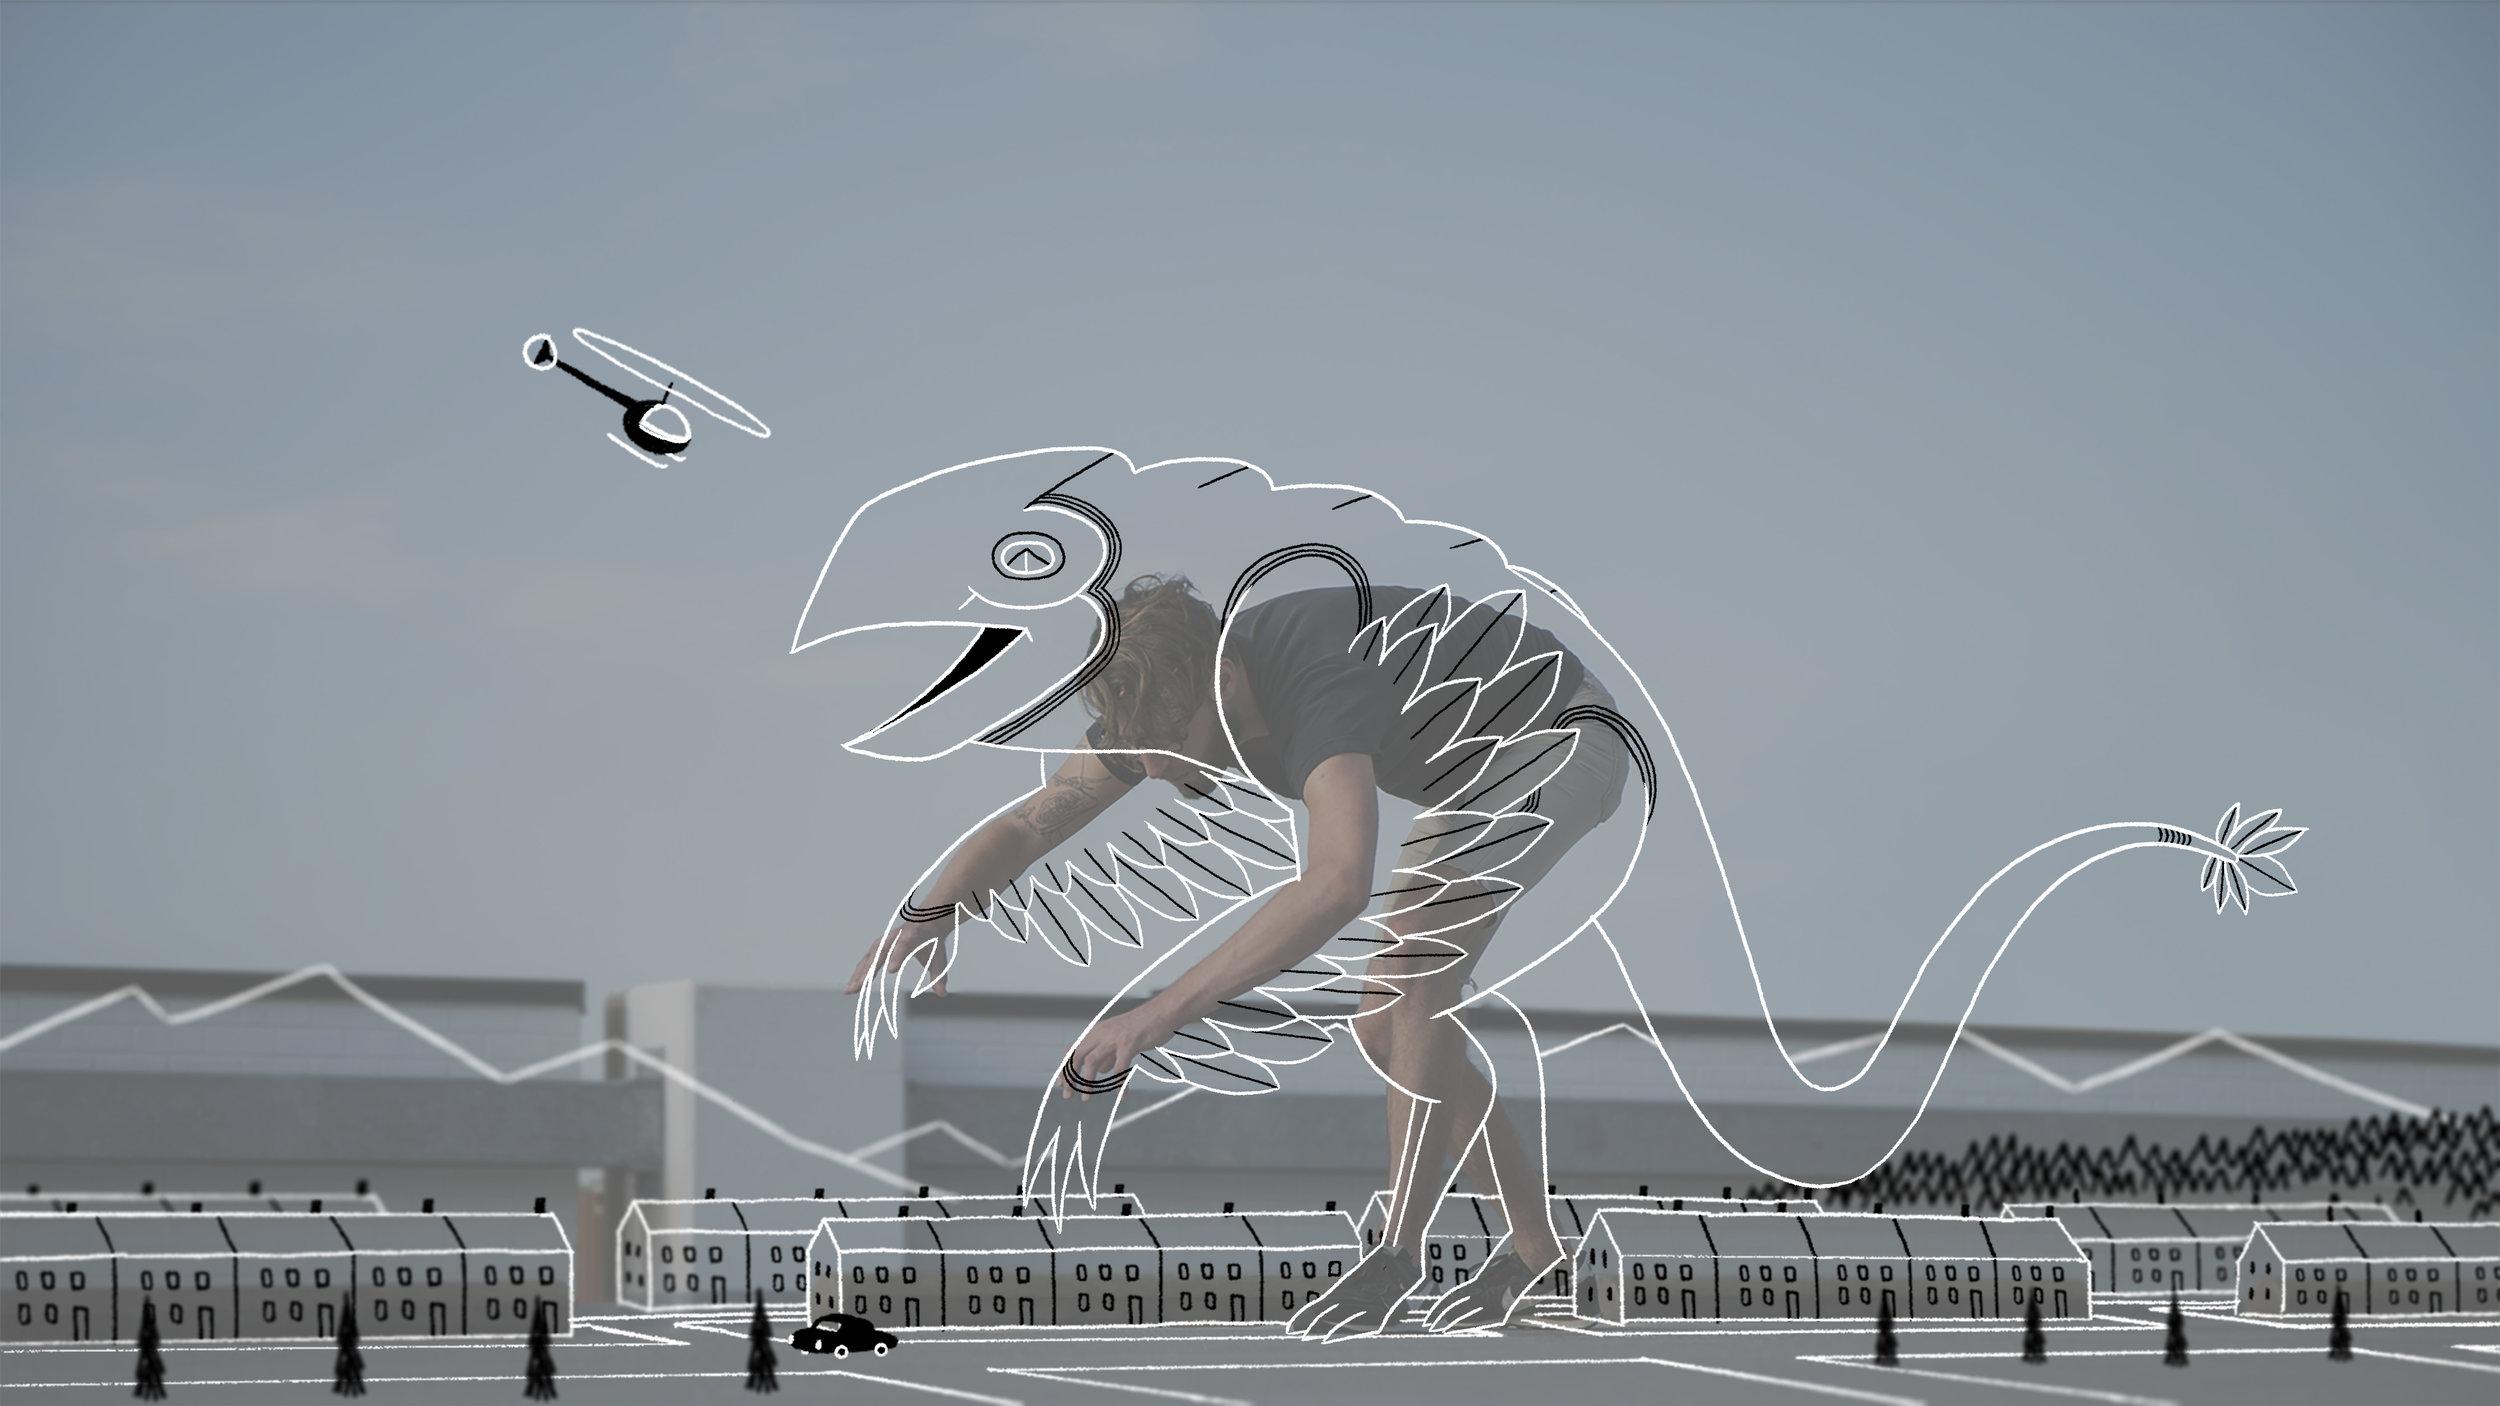 Oreo_Kid_Inside_Monster_06.jpg